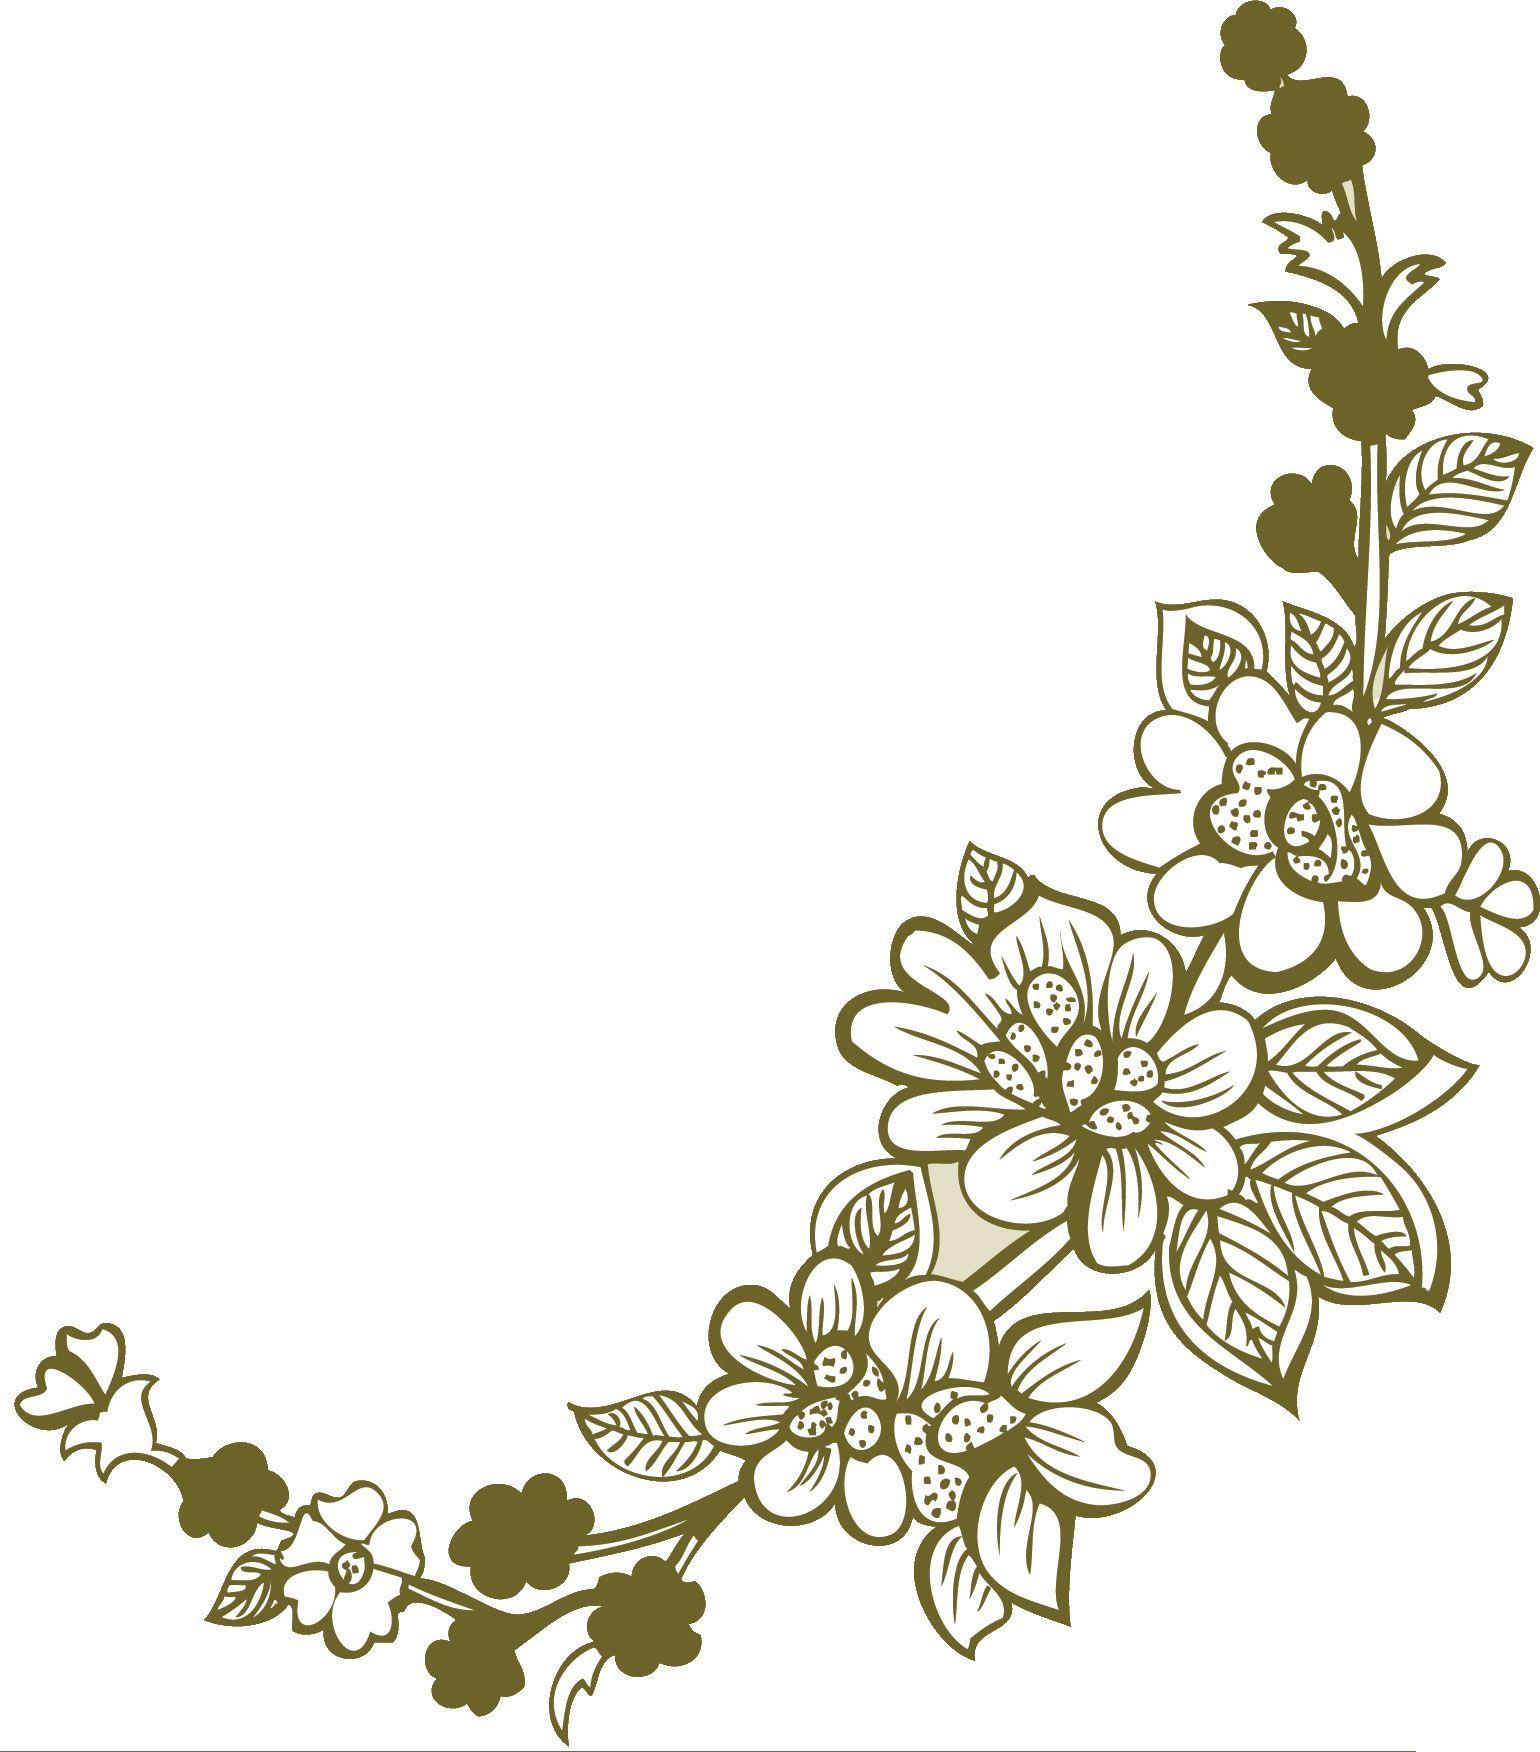 花のイラストフリー素材白黒モノクロno094切り絵風 花 イラスト 花 イラスト 無料 切り絵